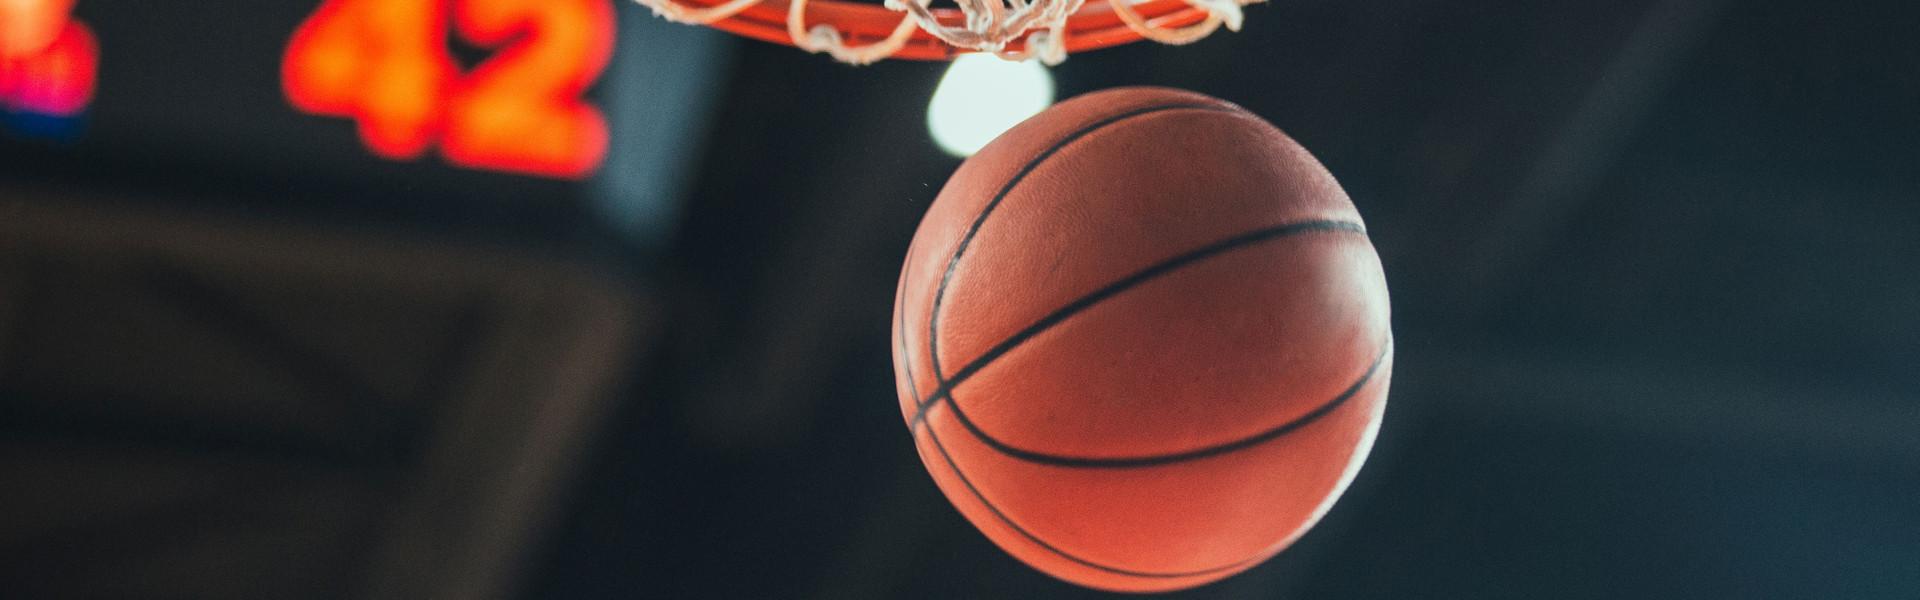 Basketball Season Wins Challenge   Basketball and Hoop